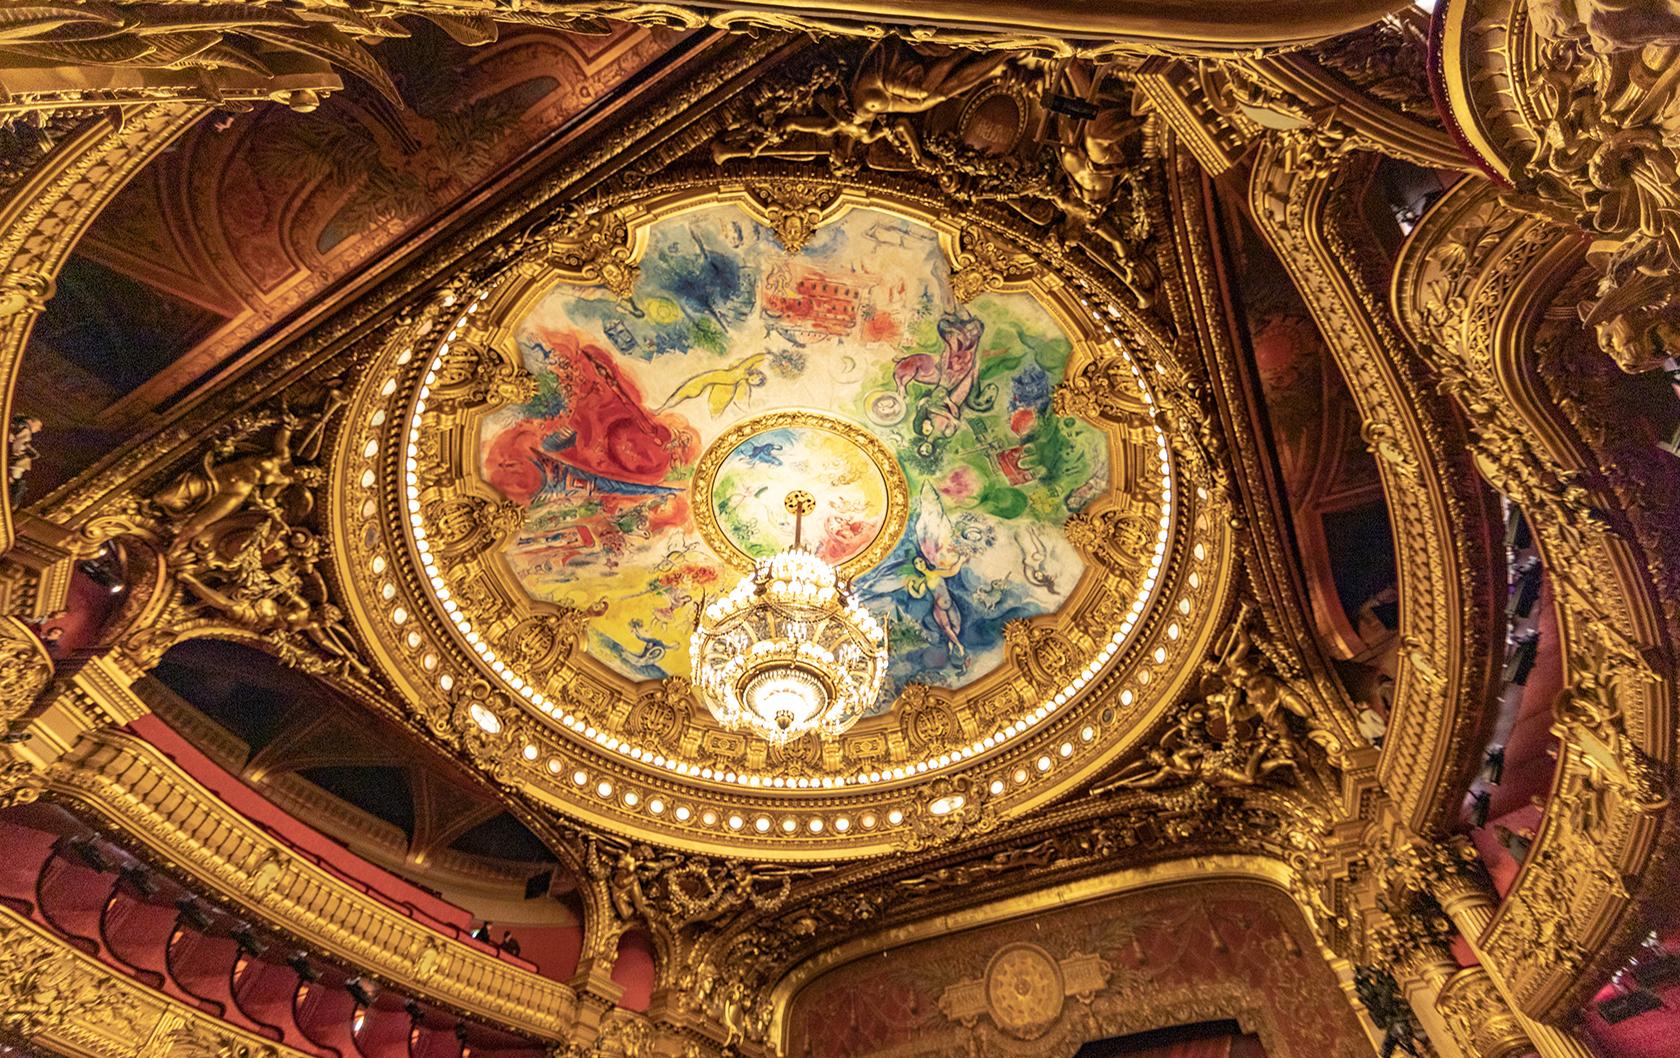 Marc Chagall's ceiling fresco in Palais Garnier